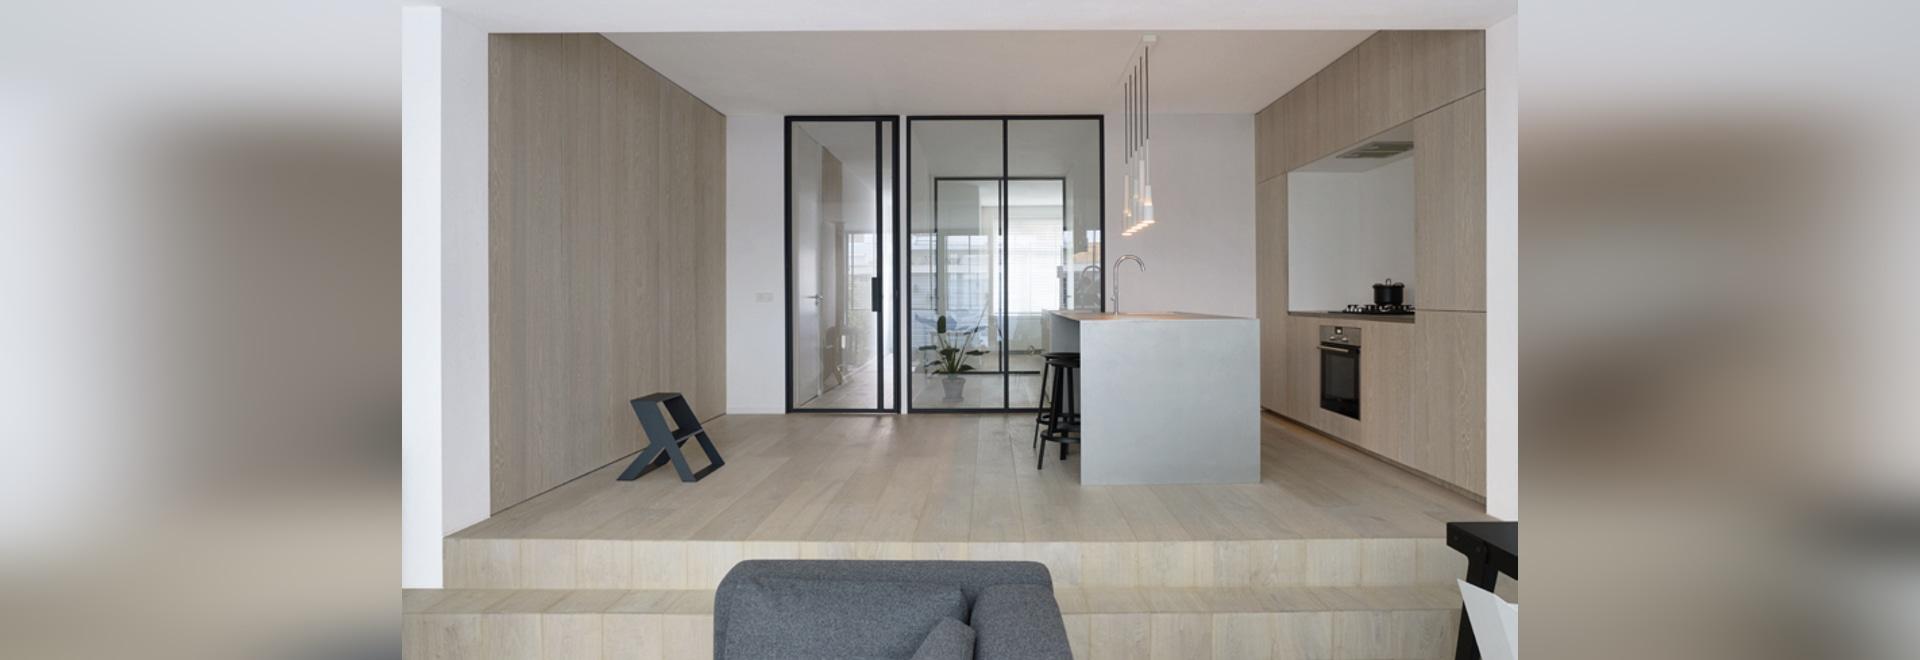 Appartamento di Amsterdam